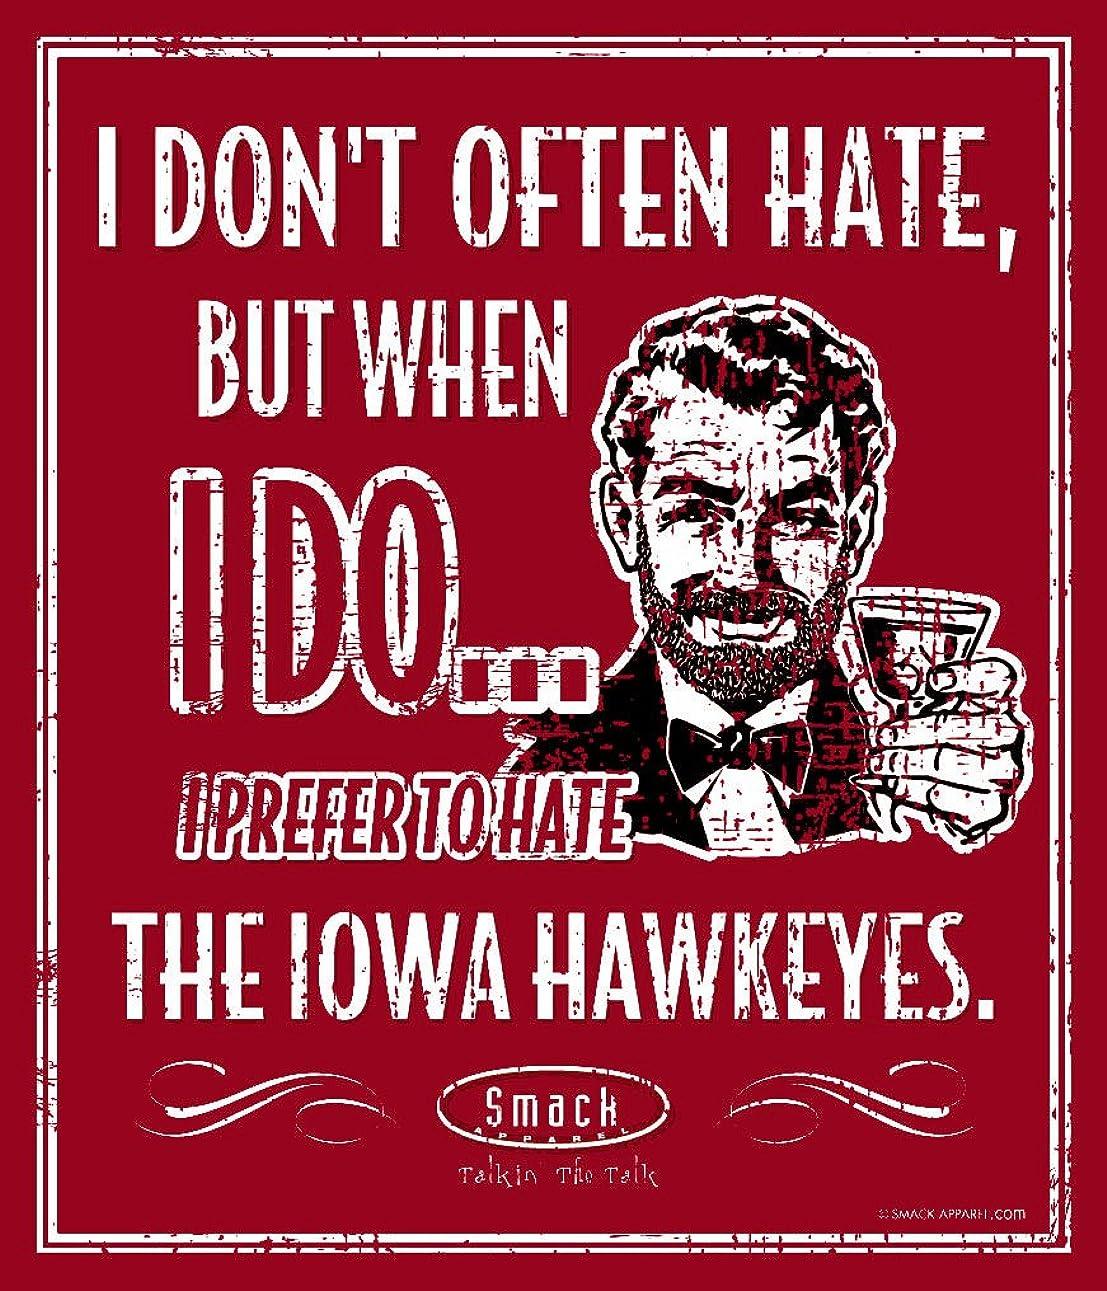 落ち着く日機関ネブラスカ州サッカーファン。I Prefer to Hate the Iowa Hawkeyes 12?